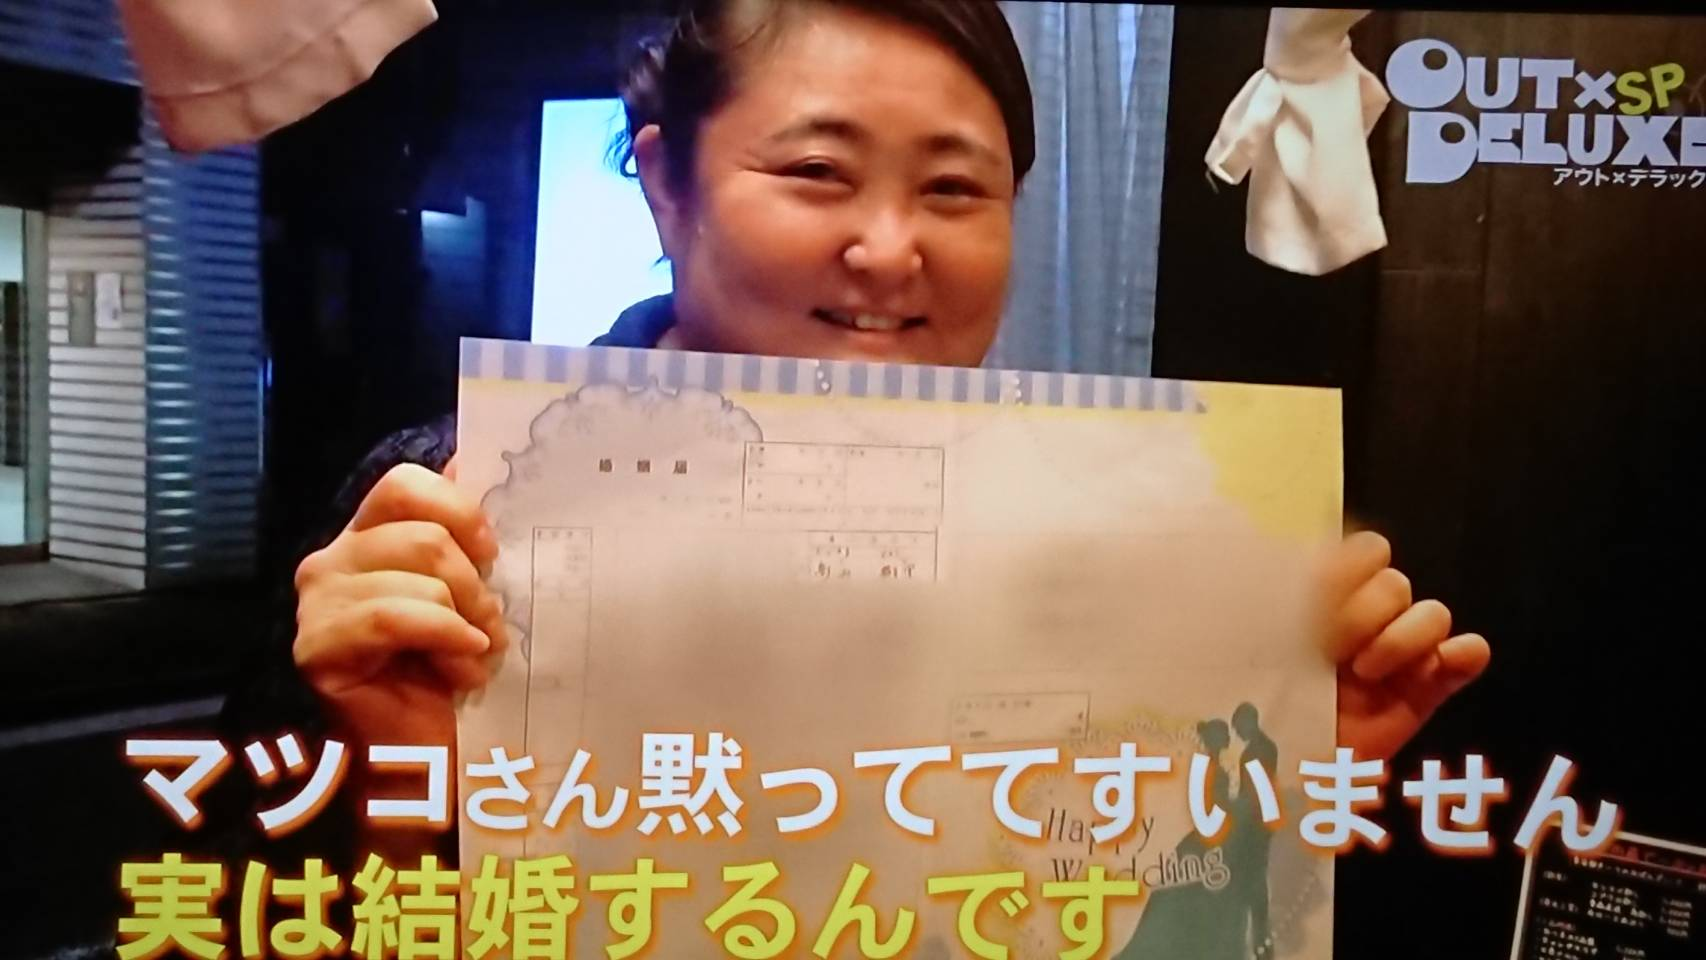 高山樹里(元ソフトボール日本代表)がアウトデラックスで結婚発表?!旦那はどんな人?